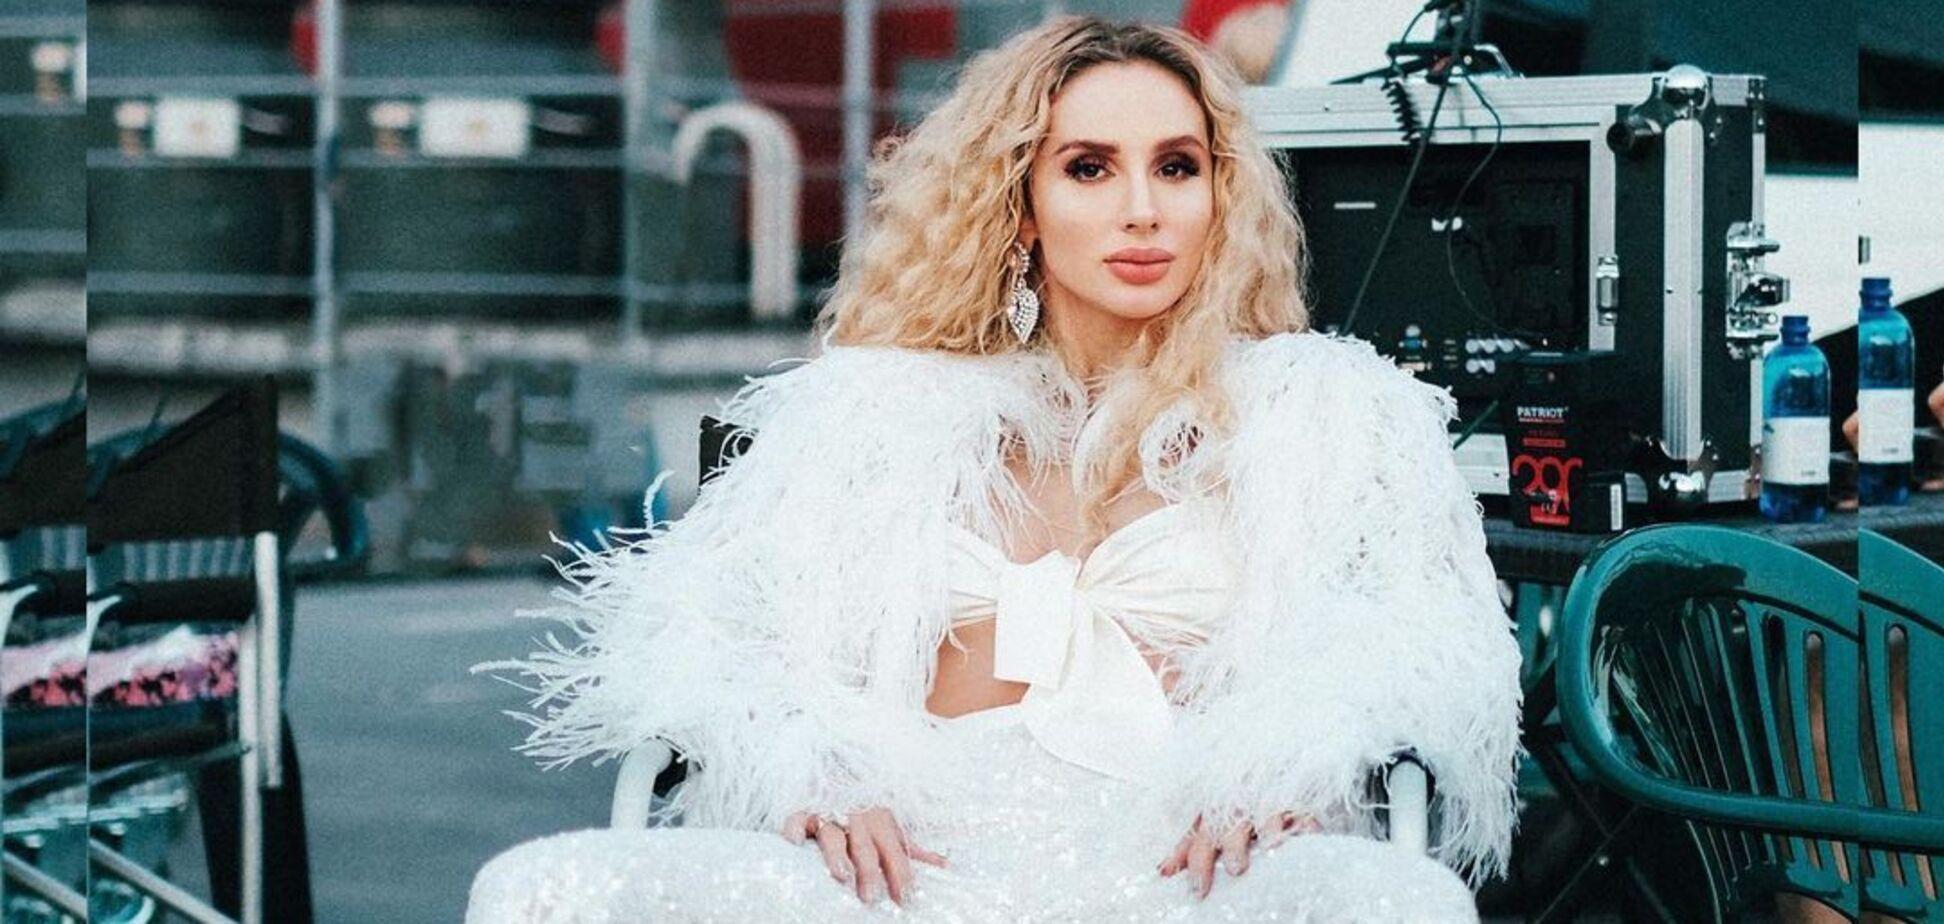 Светлана Лобода собралась с концертом в Одессу: появилась реакция украинцев